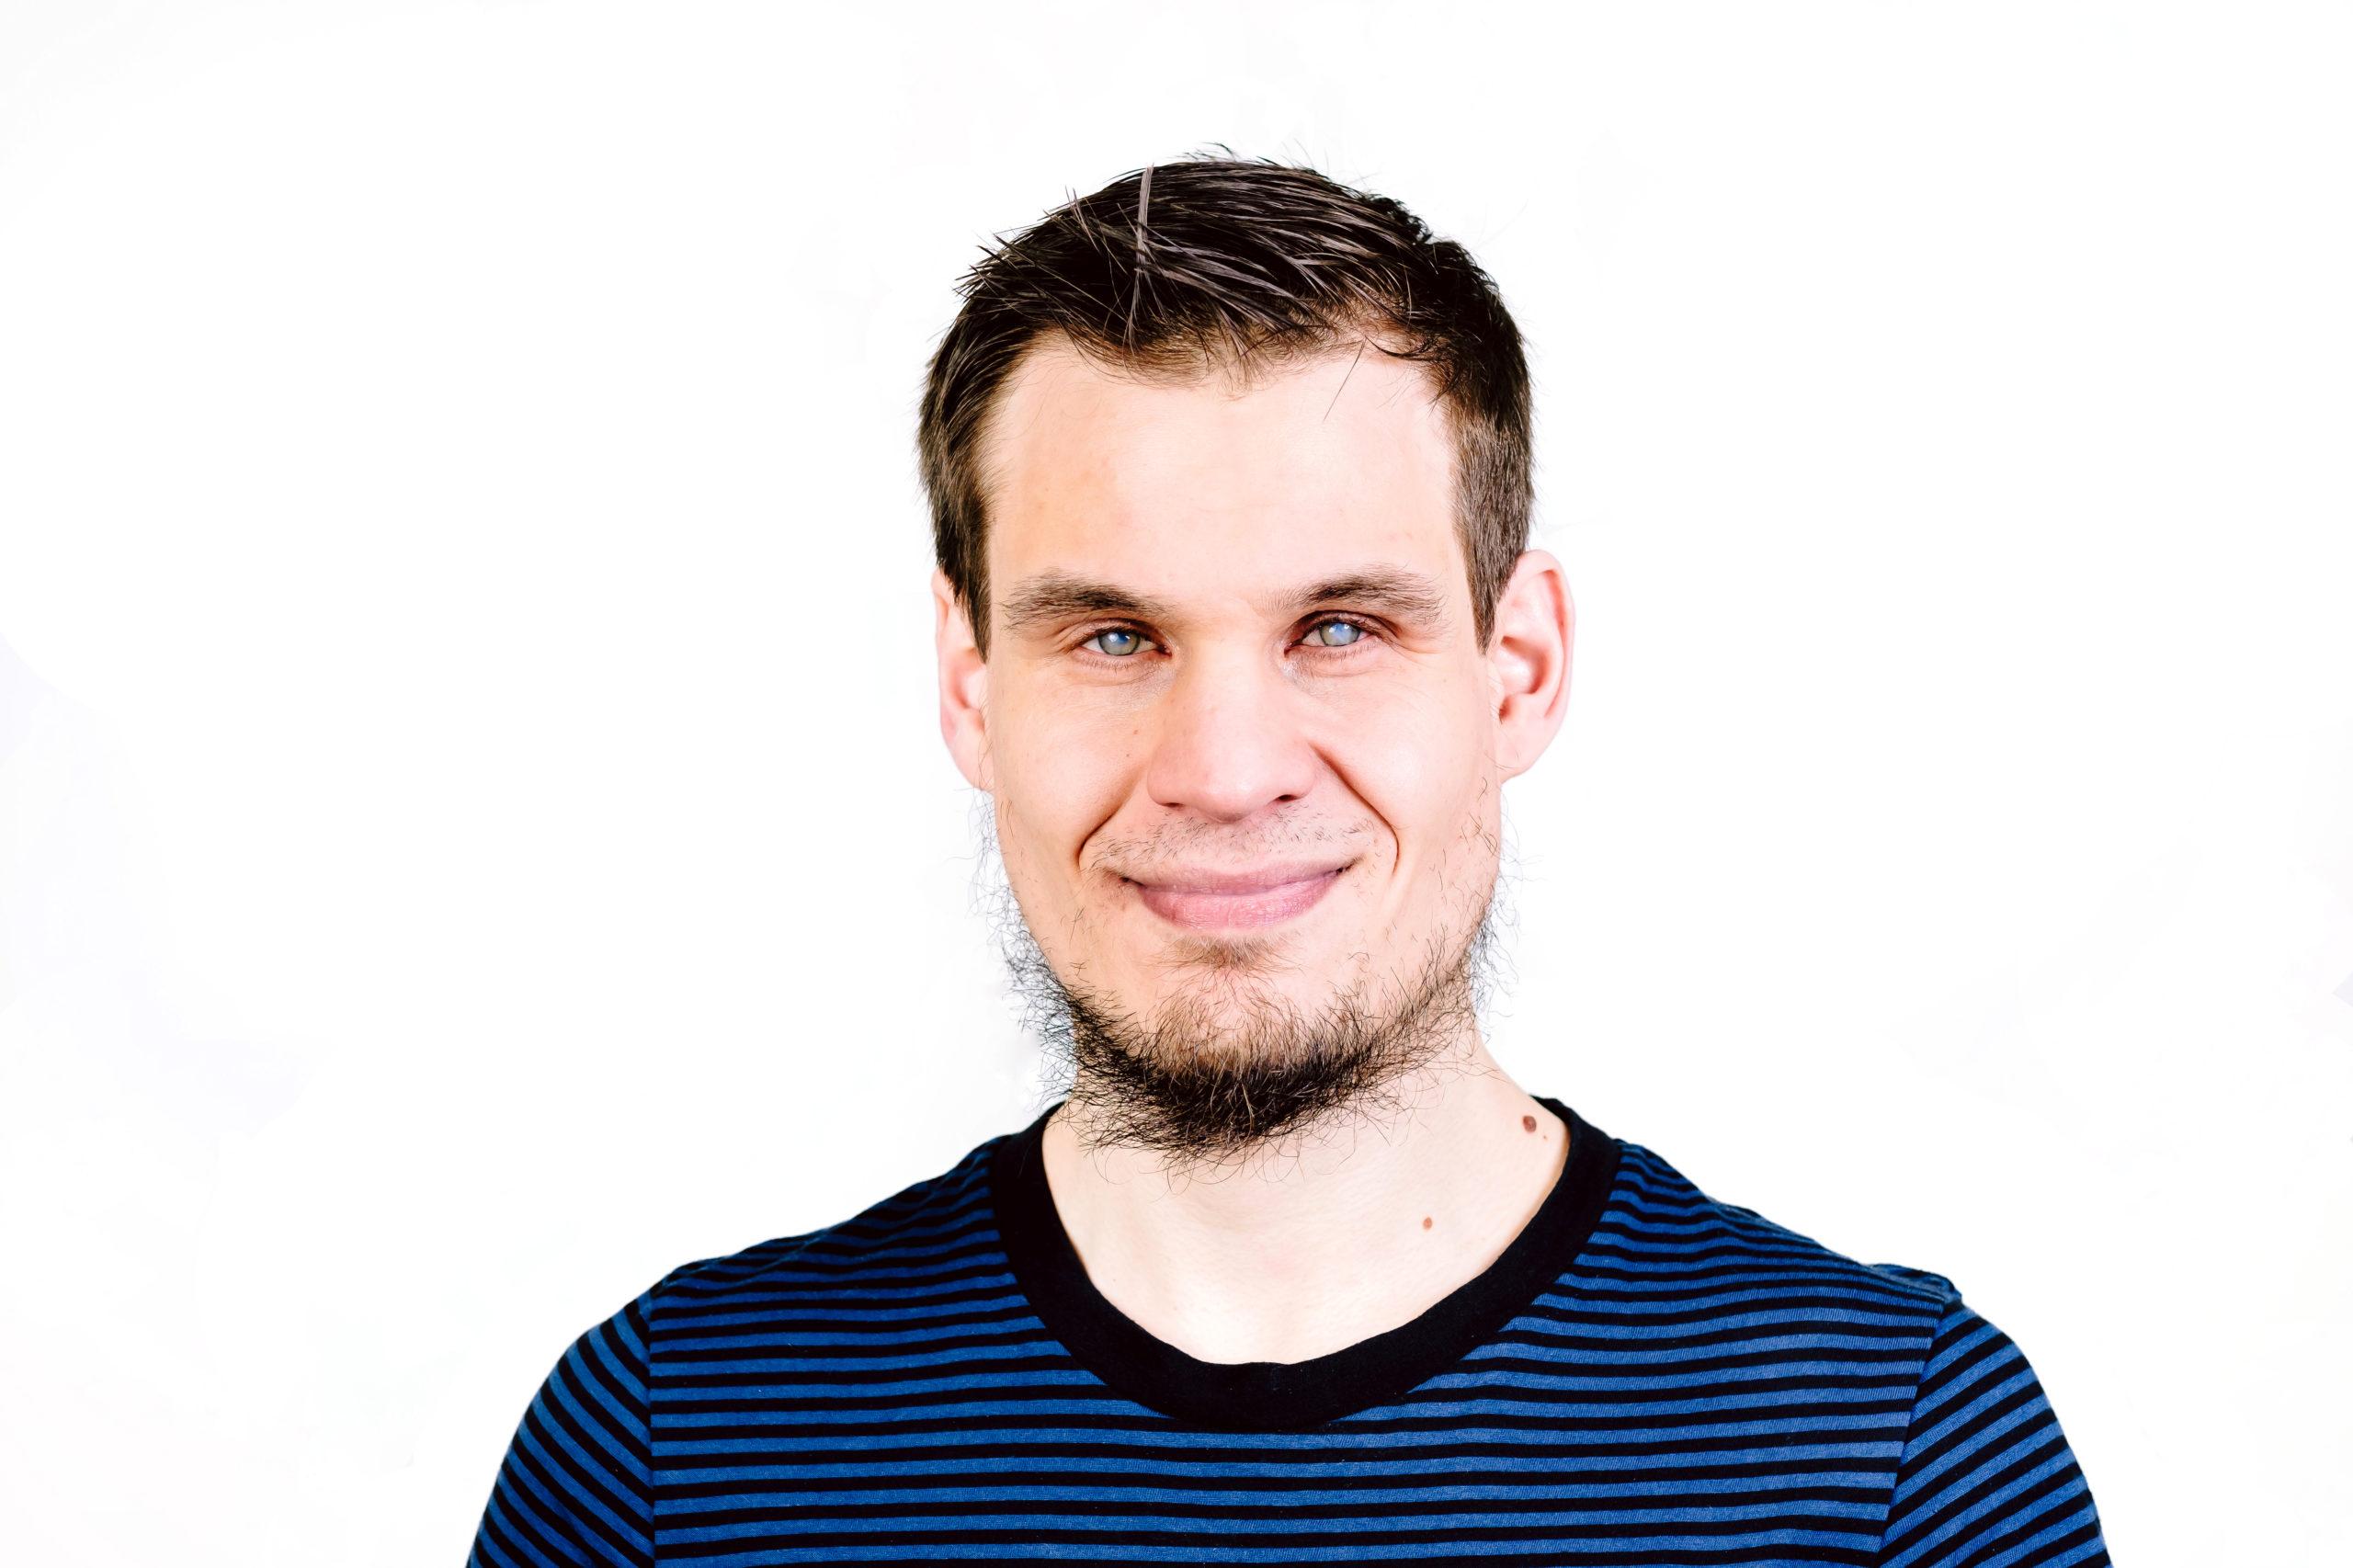 Jonas Karpa